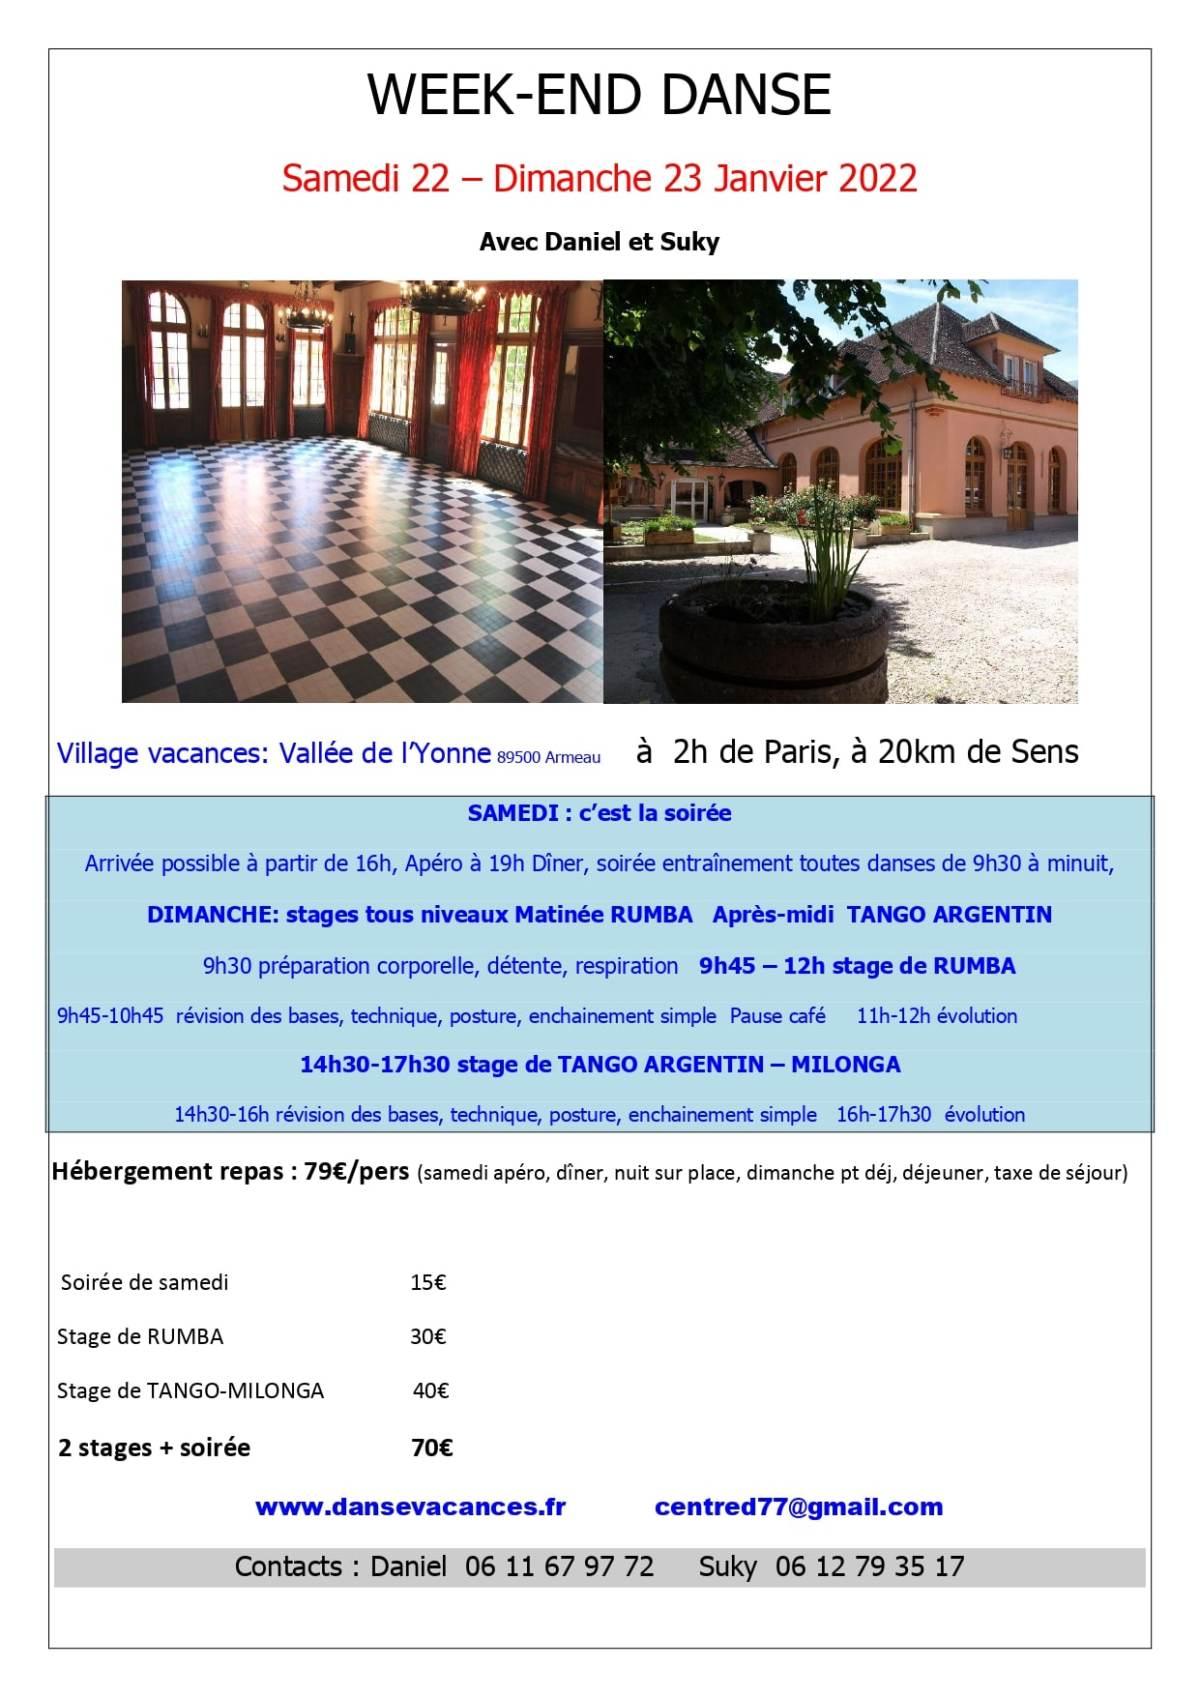 Week-end de danse à la Vallée de l'Yonne du 22 au 23 janvier 2022